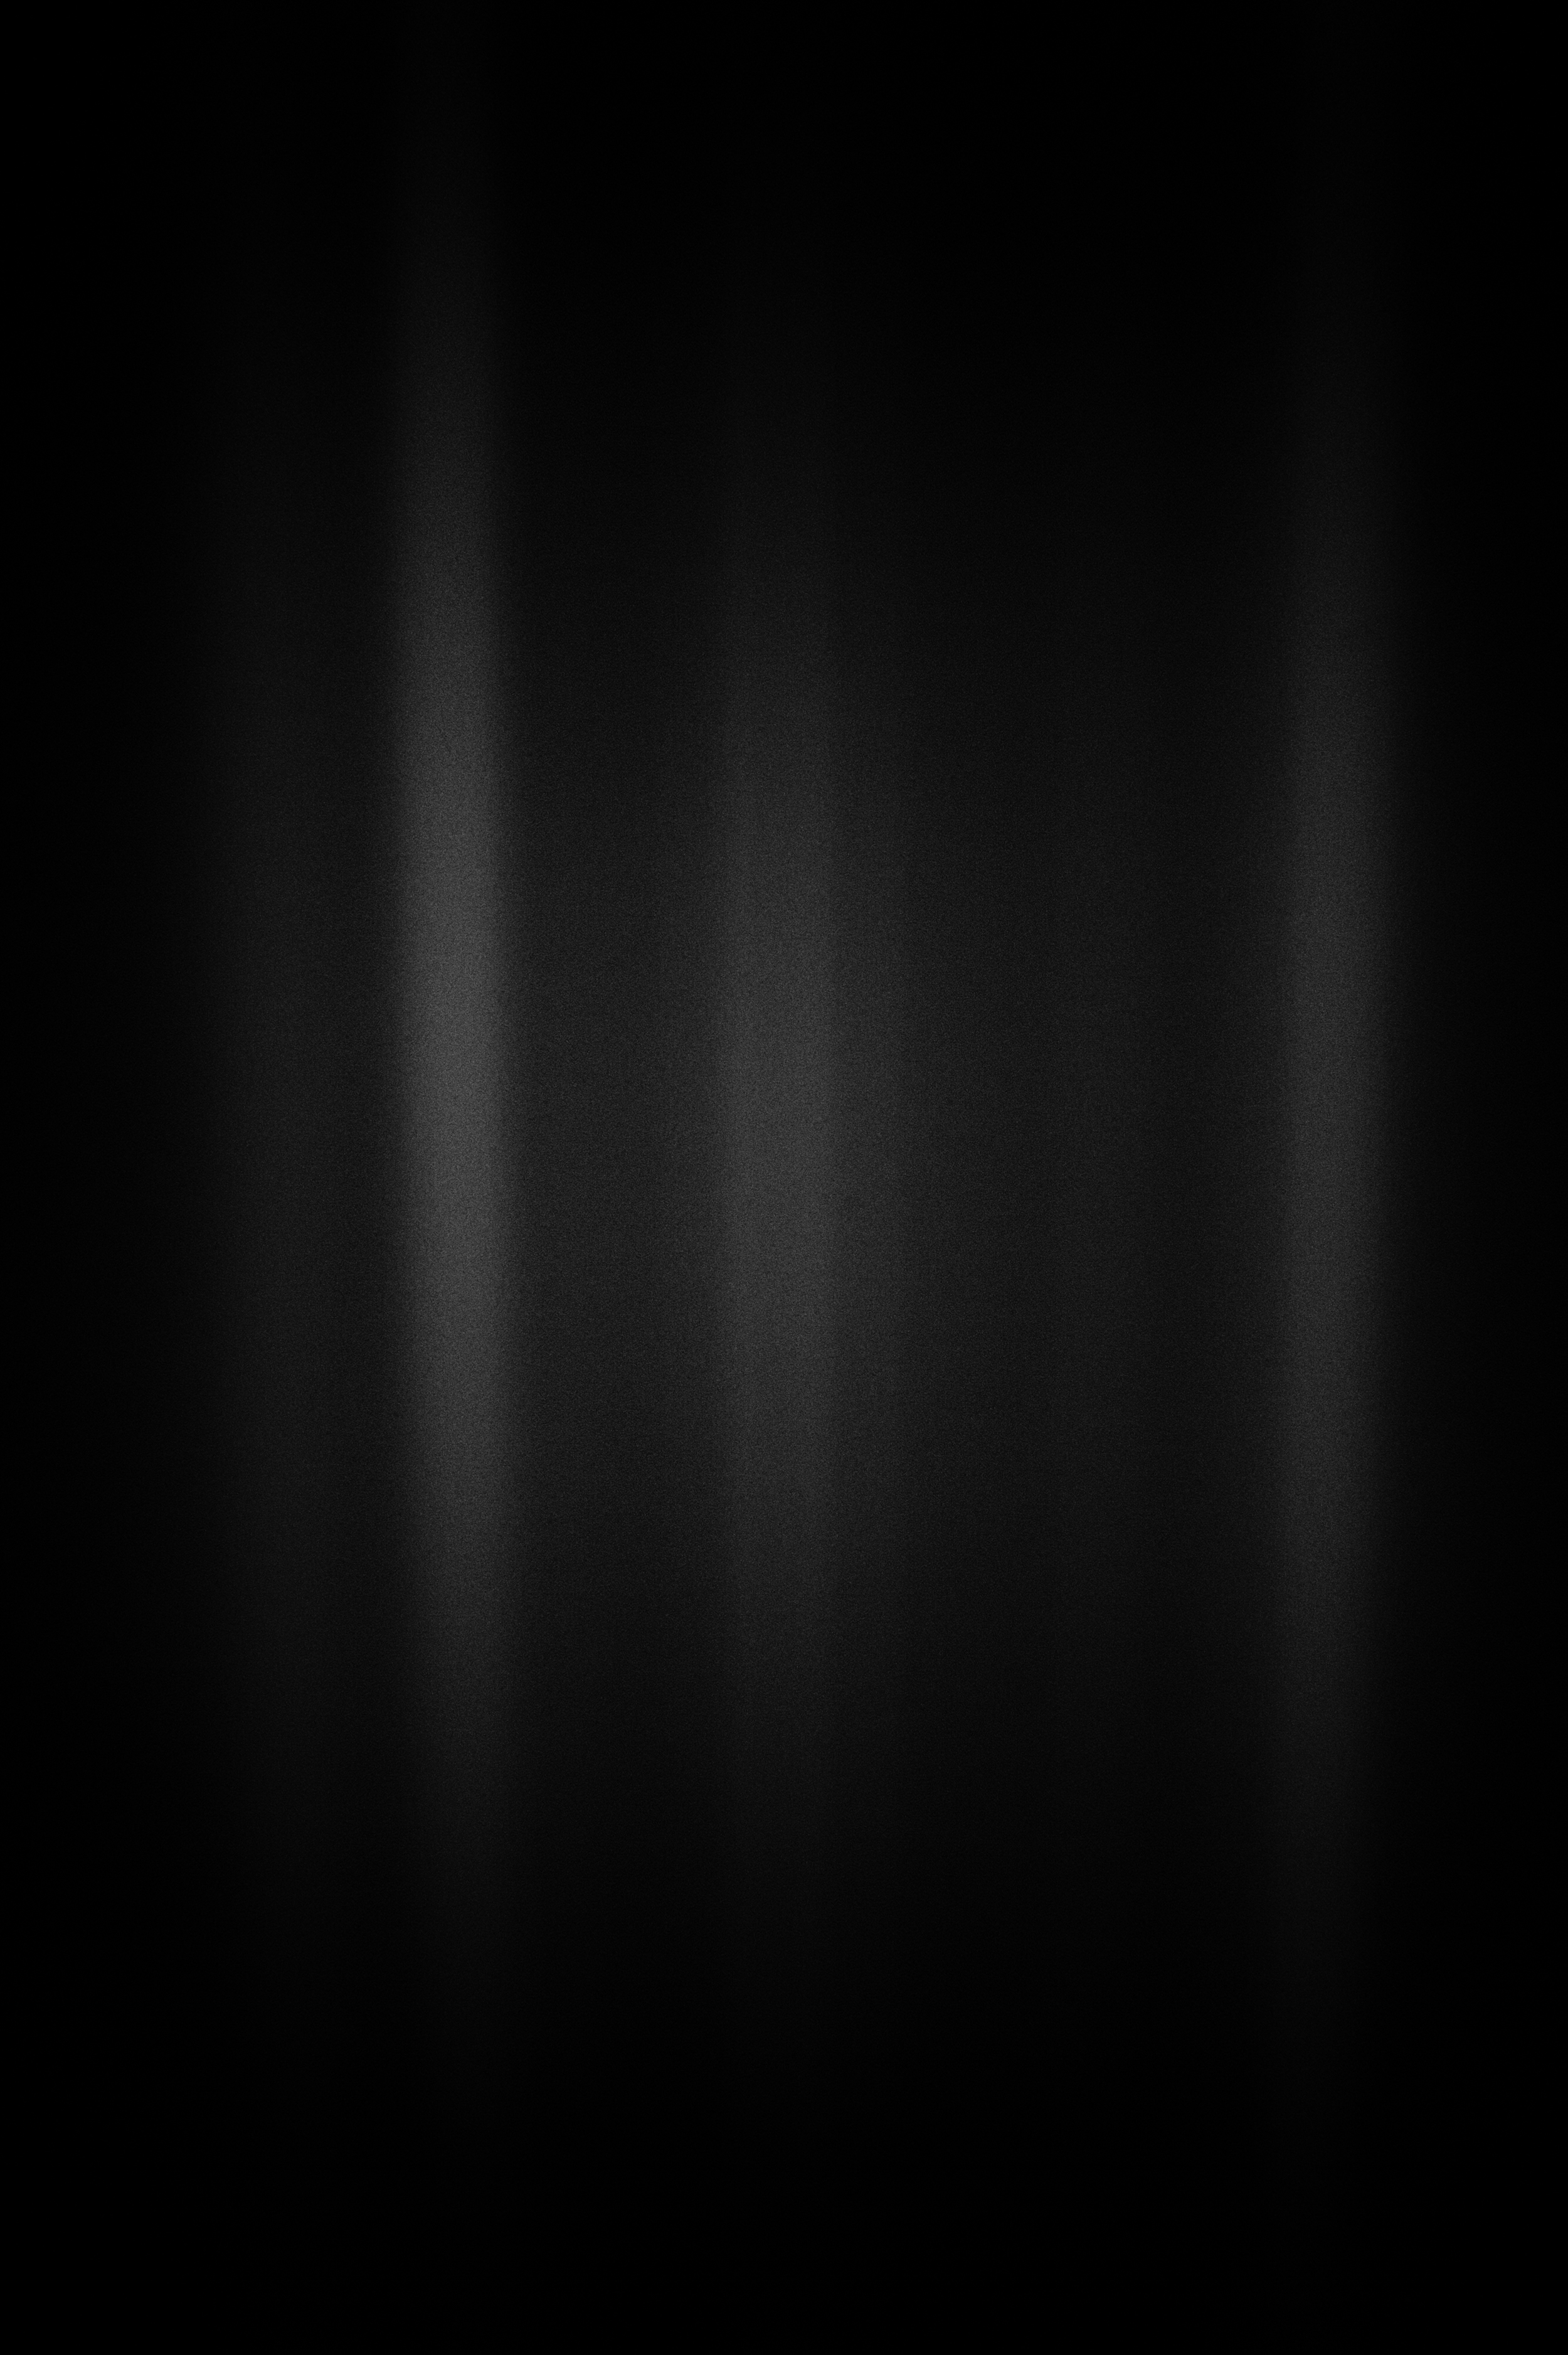 13102015-13102015-IMG_8413-Modifier.jpg